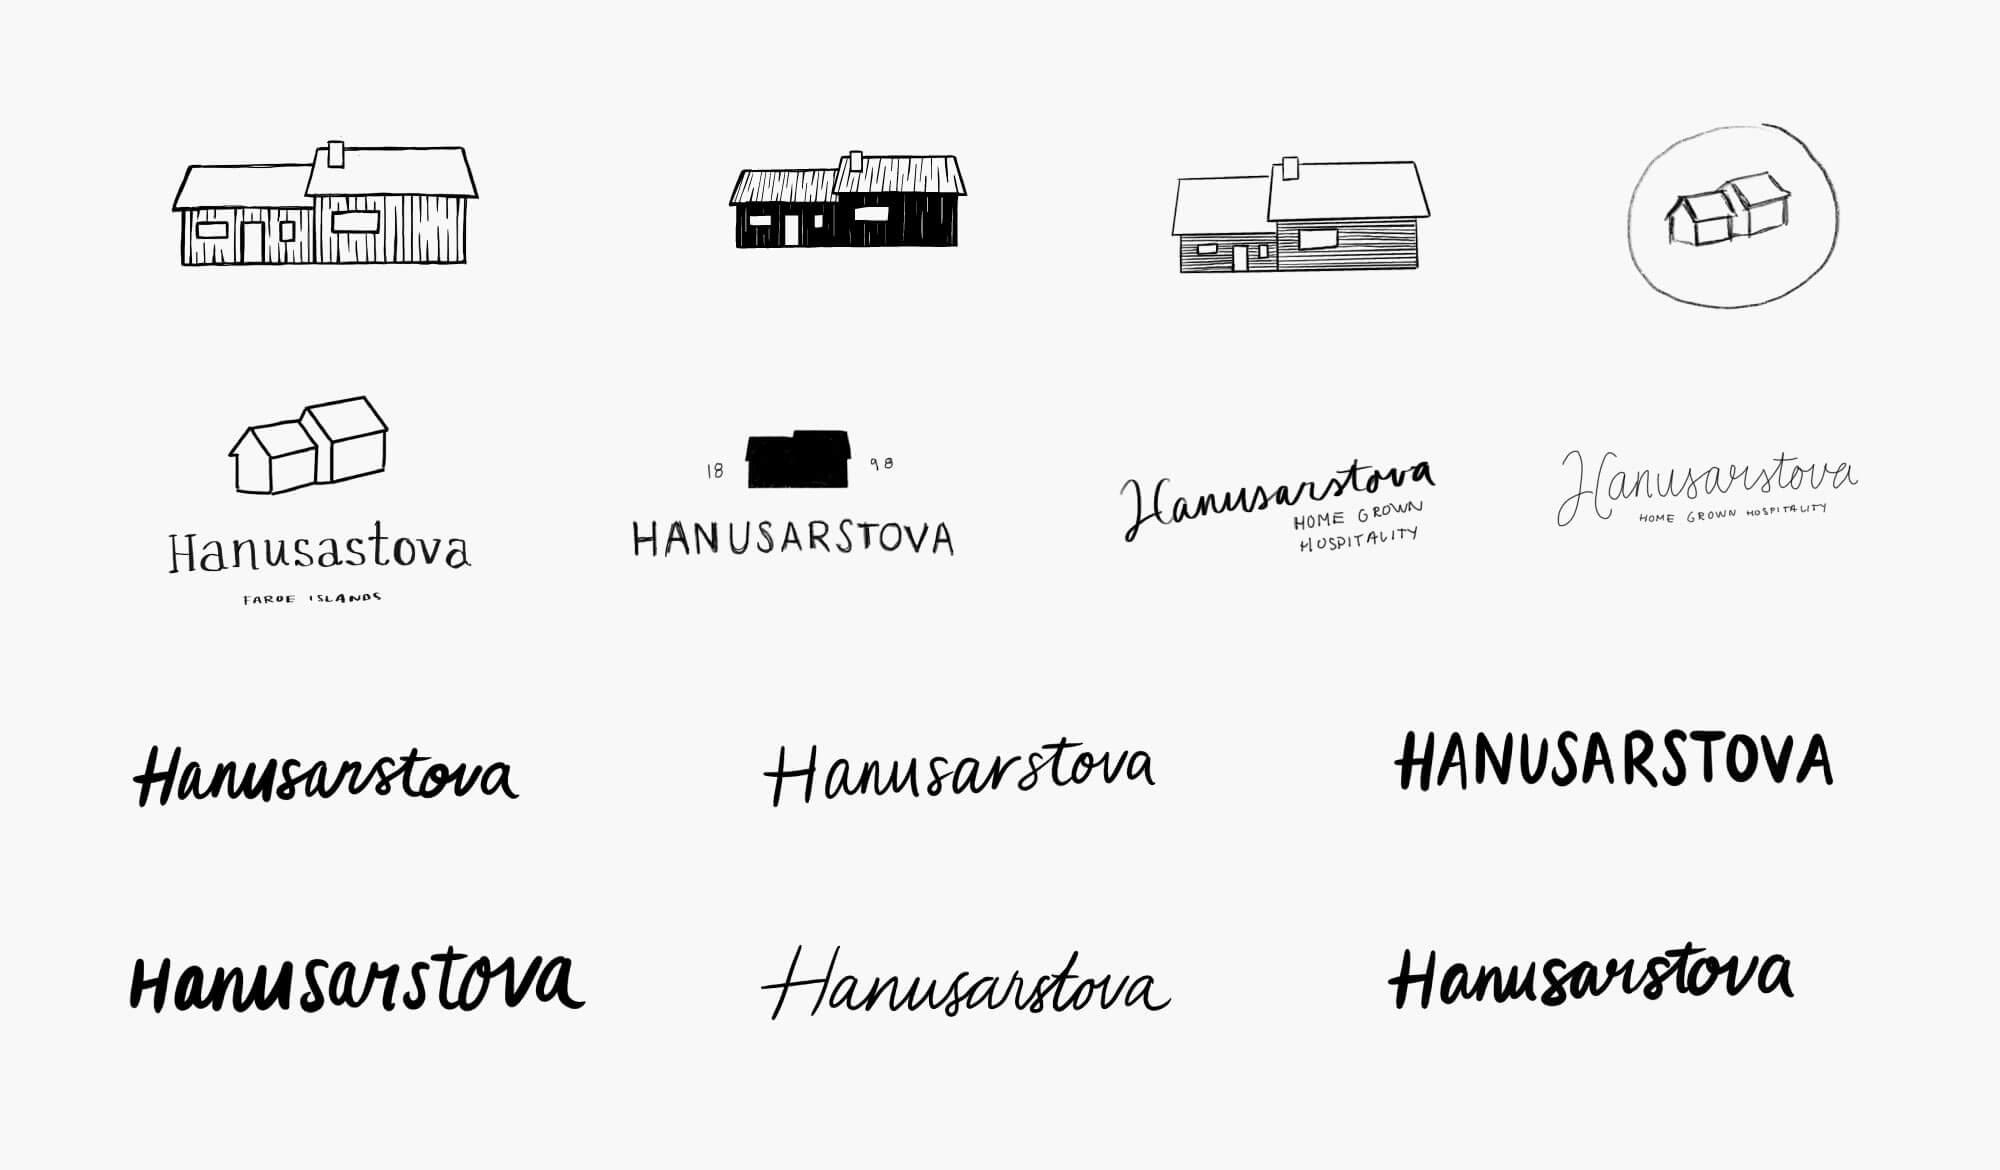 Hanusarstova logo sketches